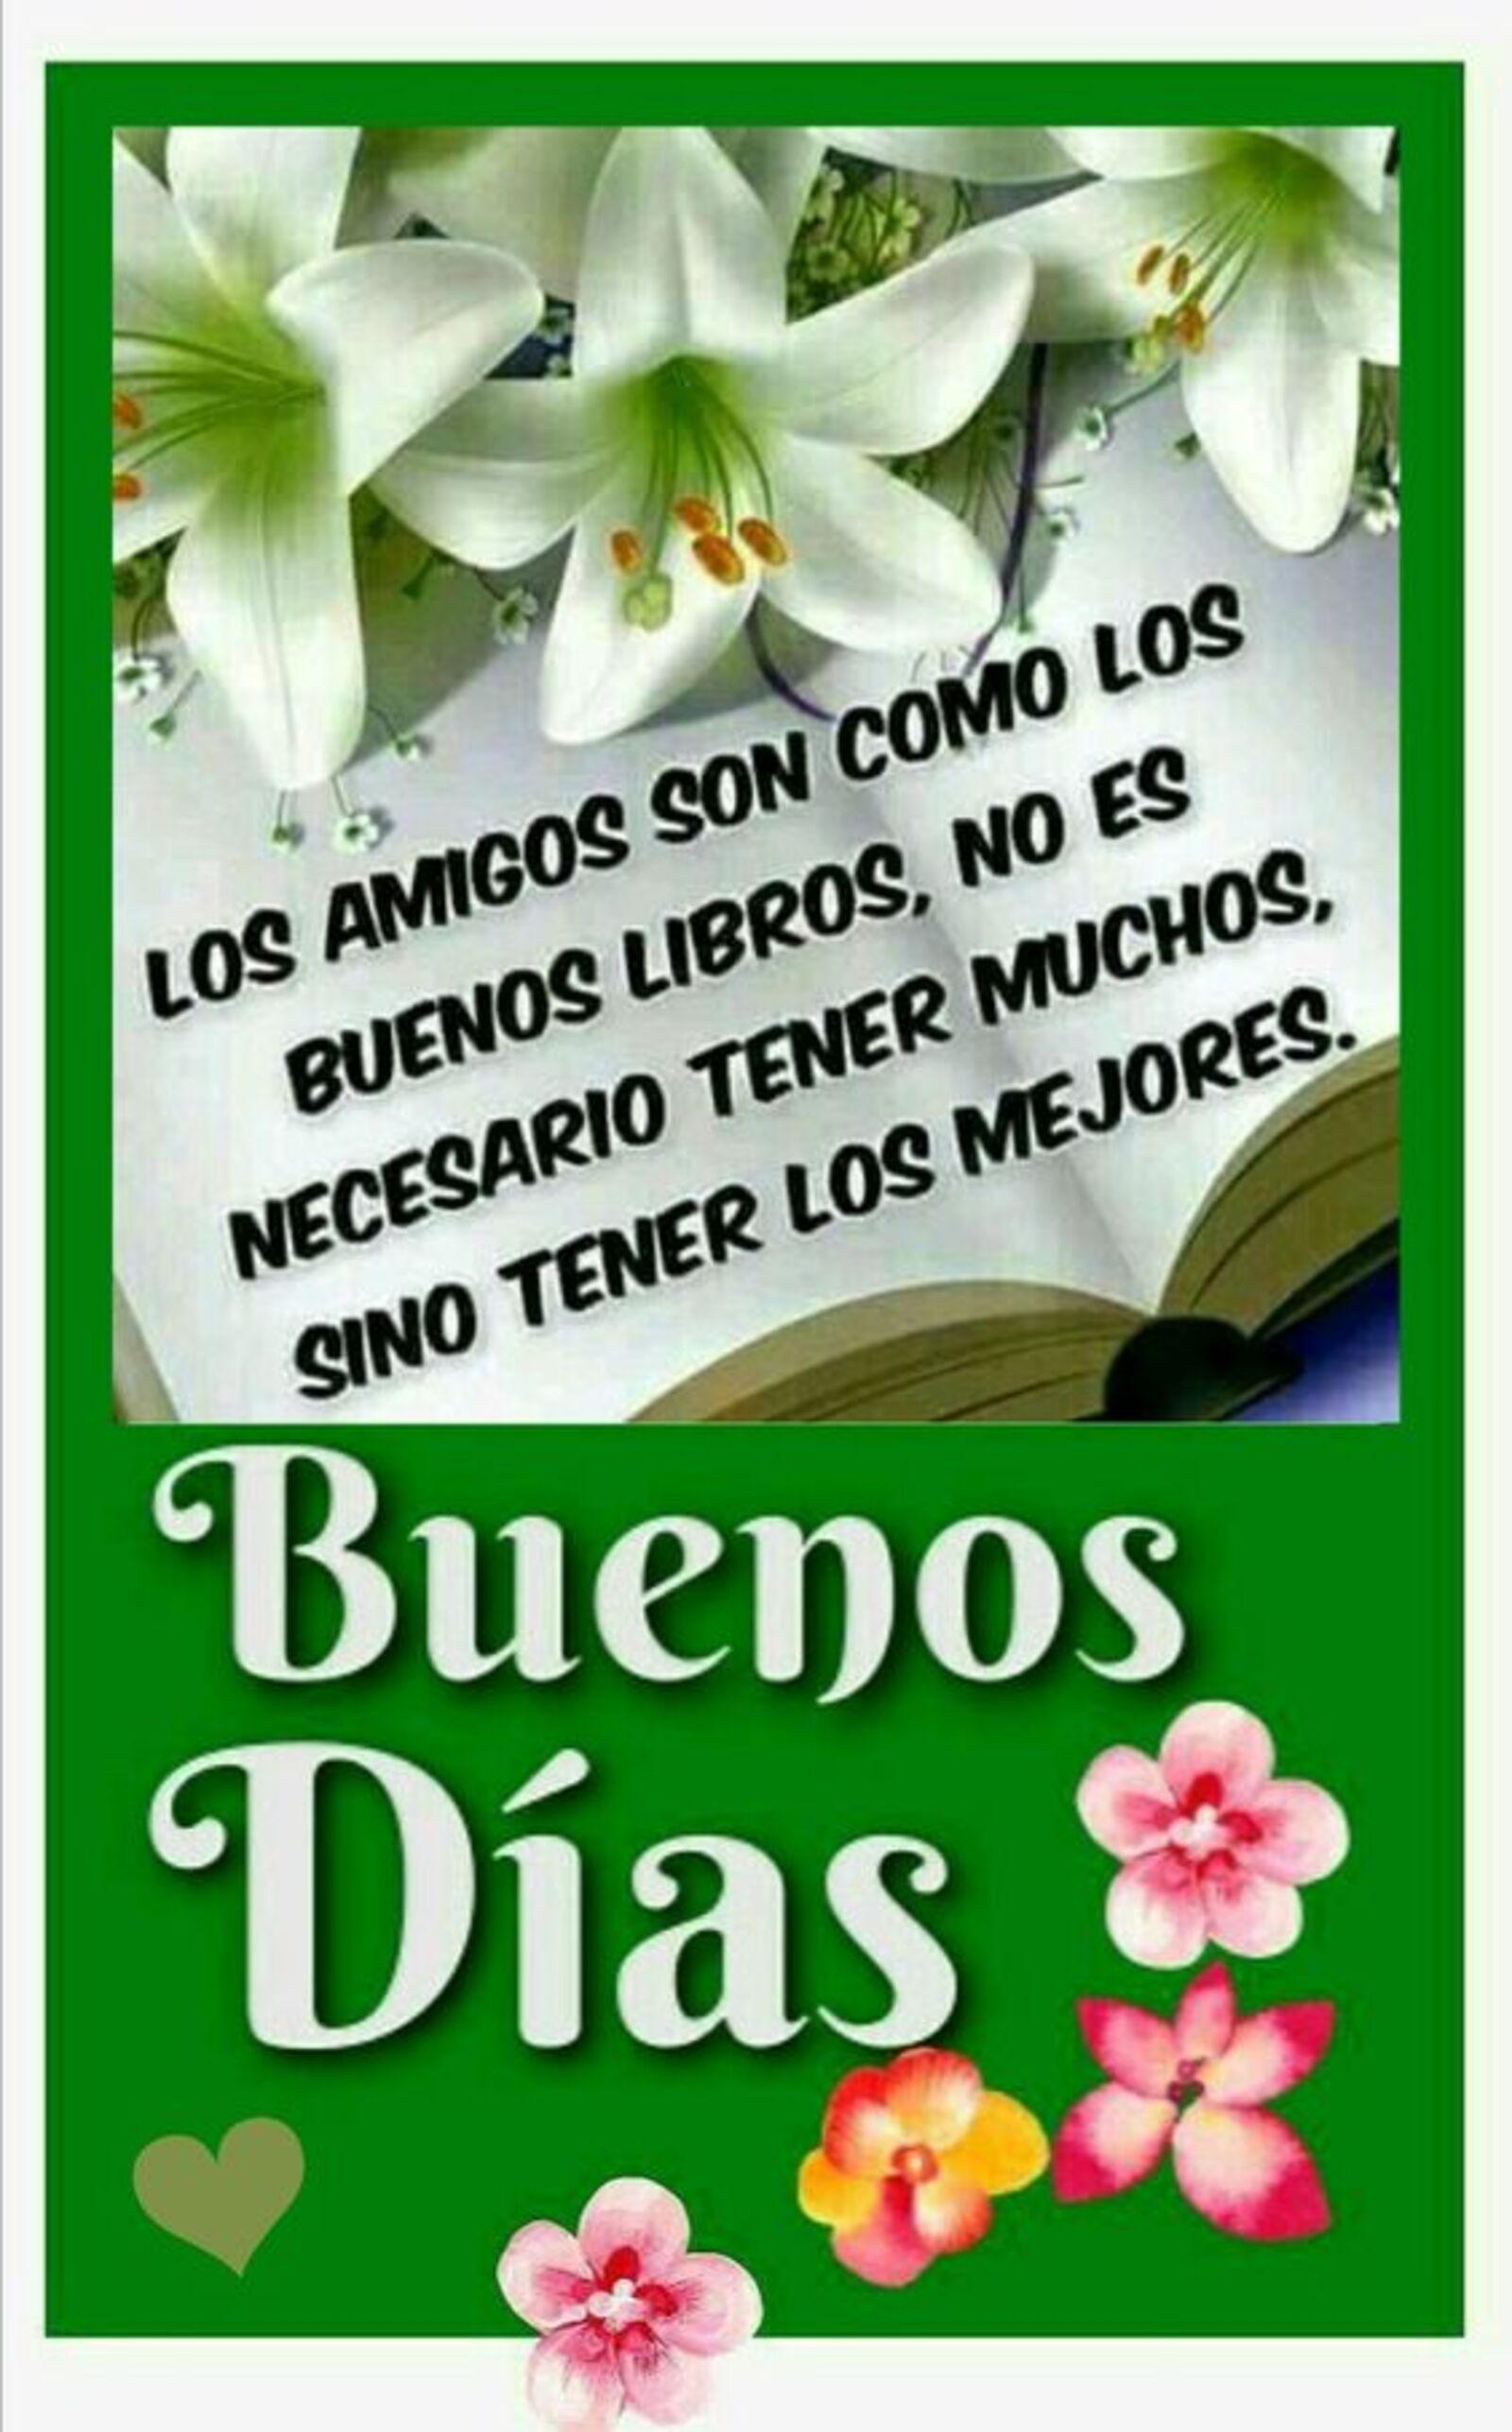 Los amigos son como los buenos libros, no es necesario tener muchos, sino tener los mejores. Buenos días